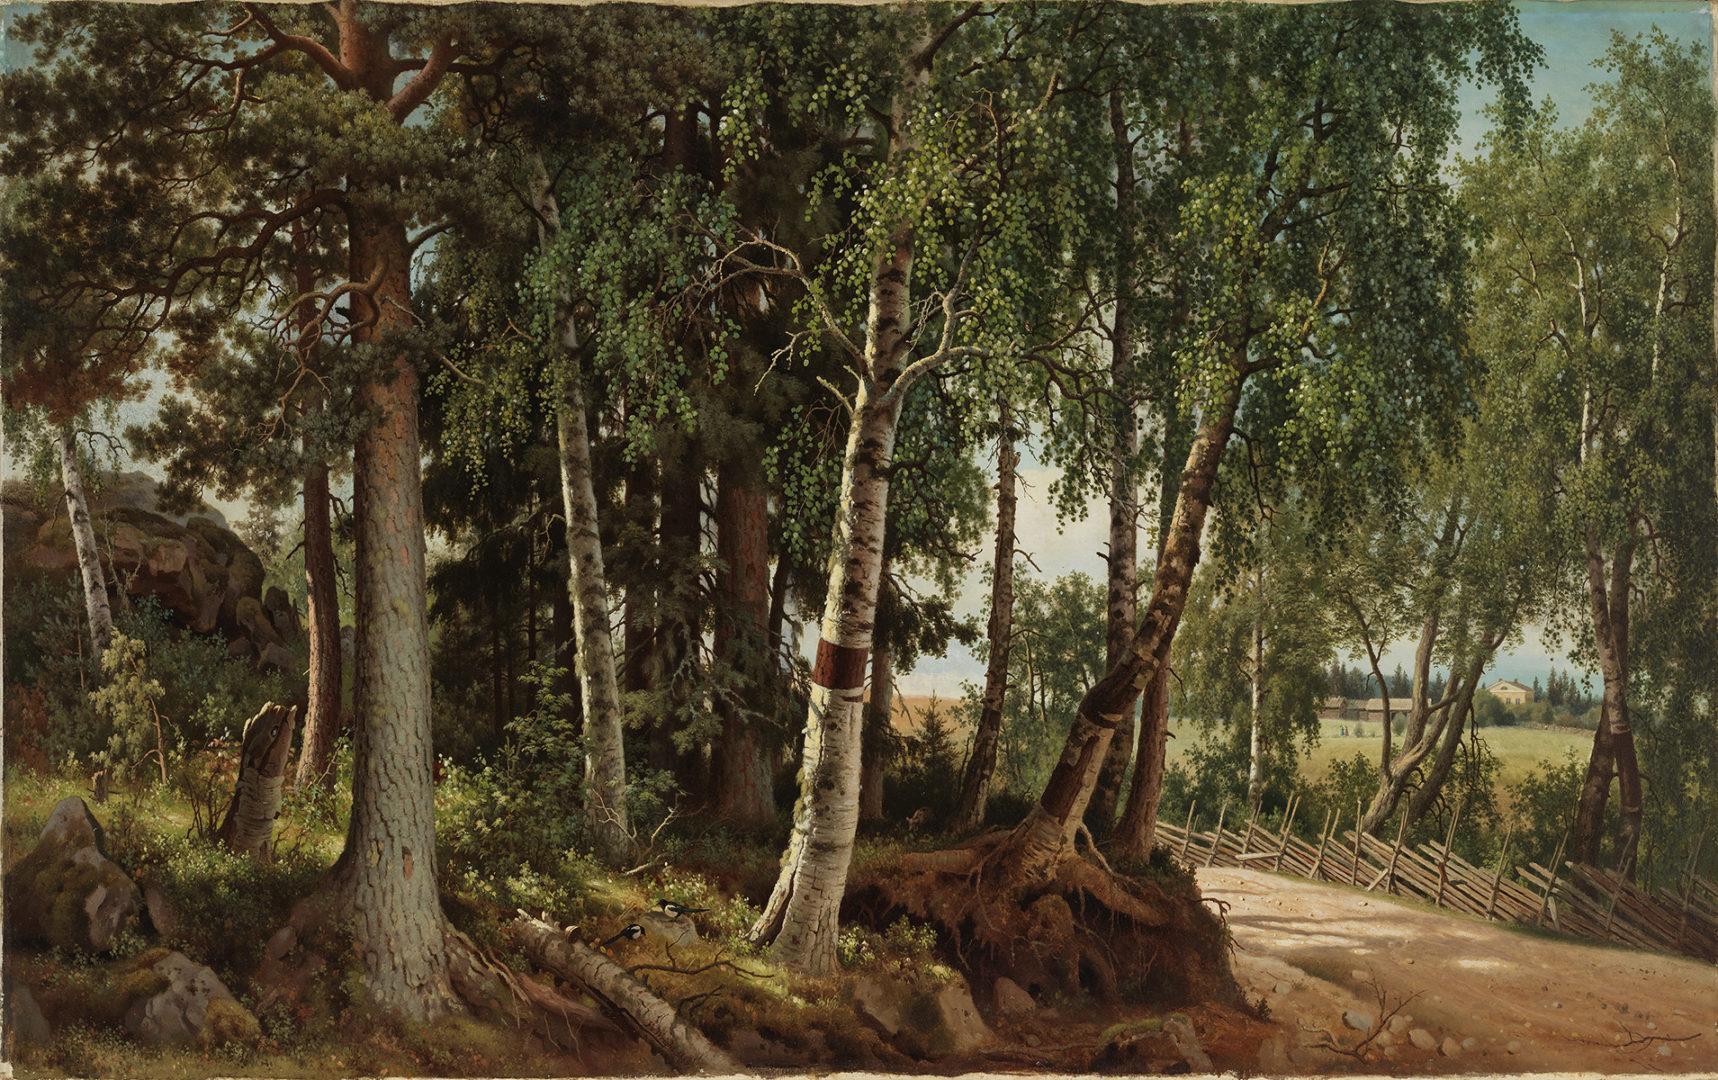 Ferdinand von Wright: Forest Landscape from Haminalahti, 1880. Finnish National Gallery / Ateneum Art Museum. Photo: Finnish National Gallery / Hannu Pakarinen